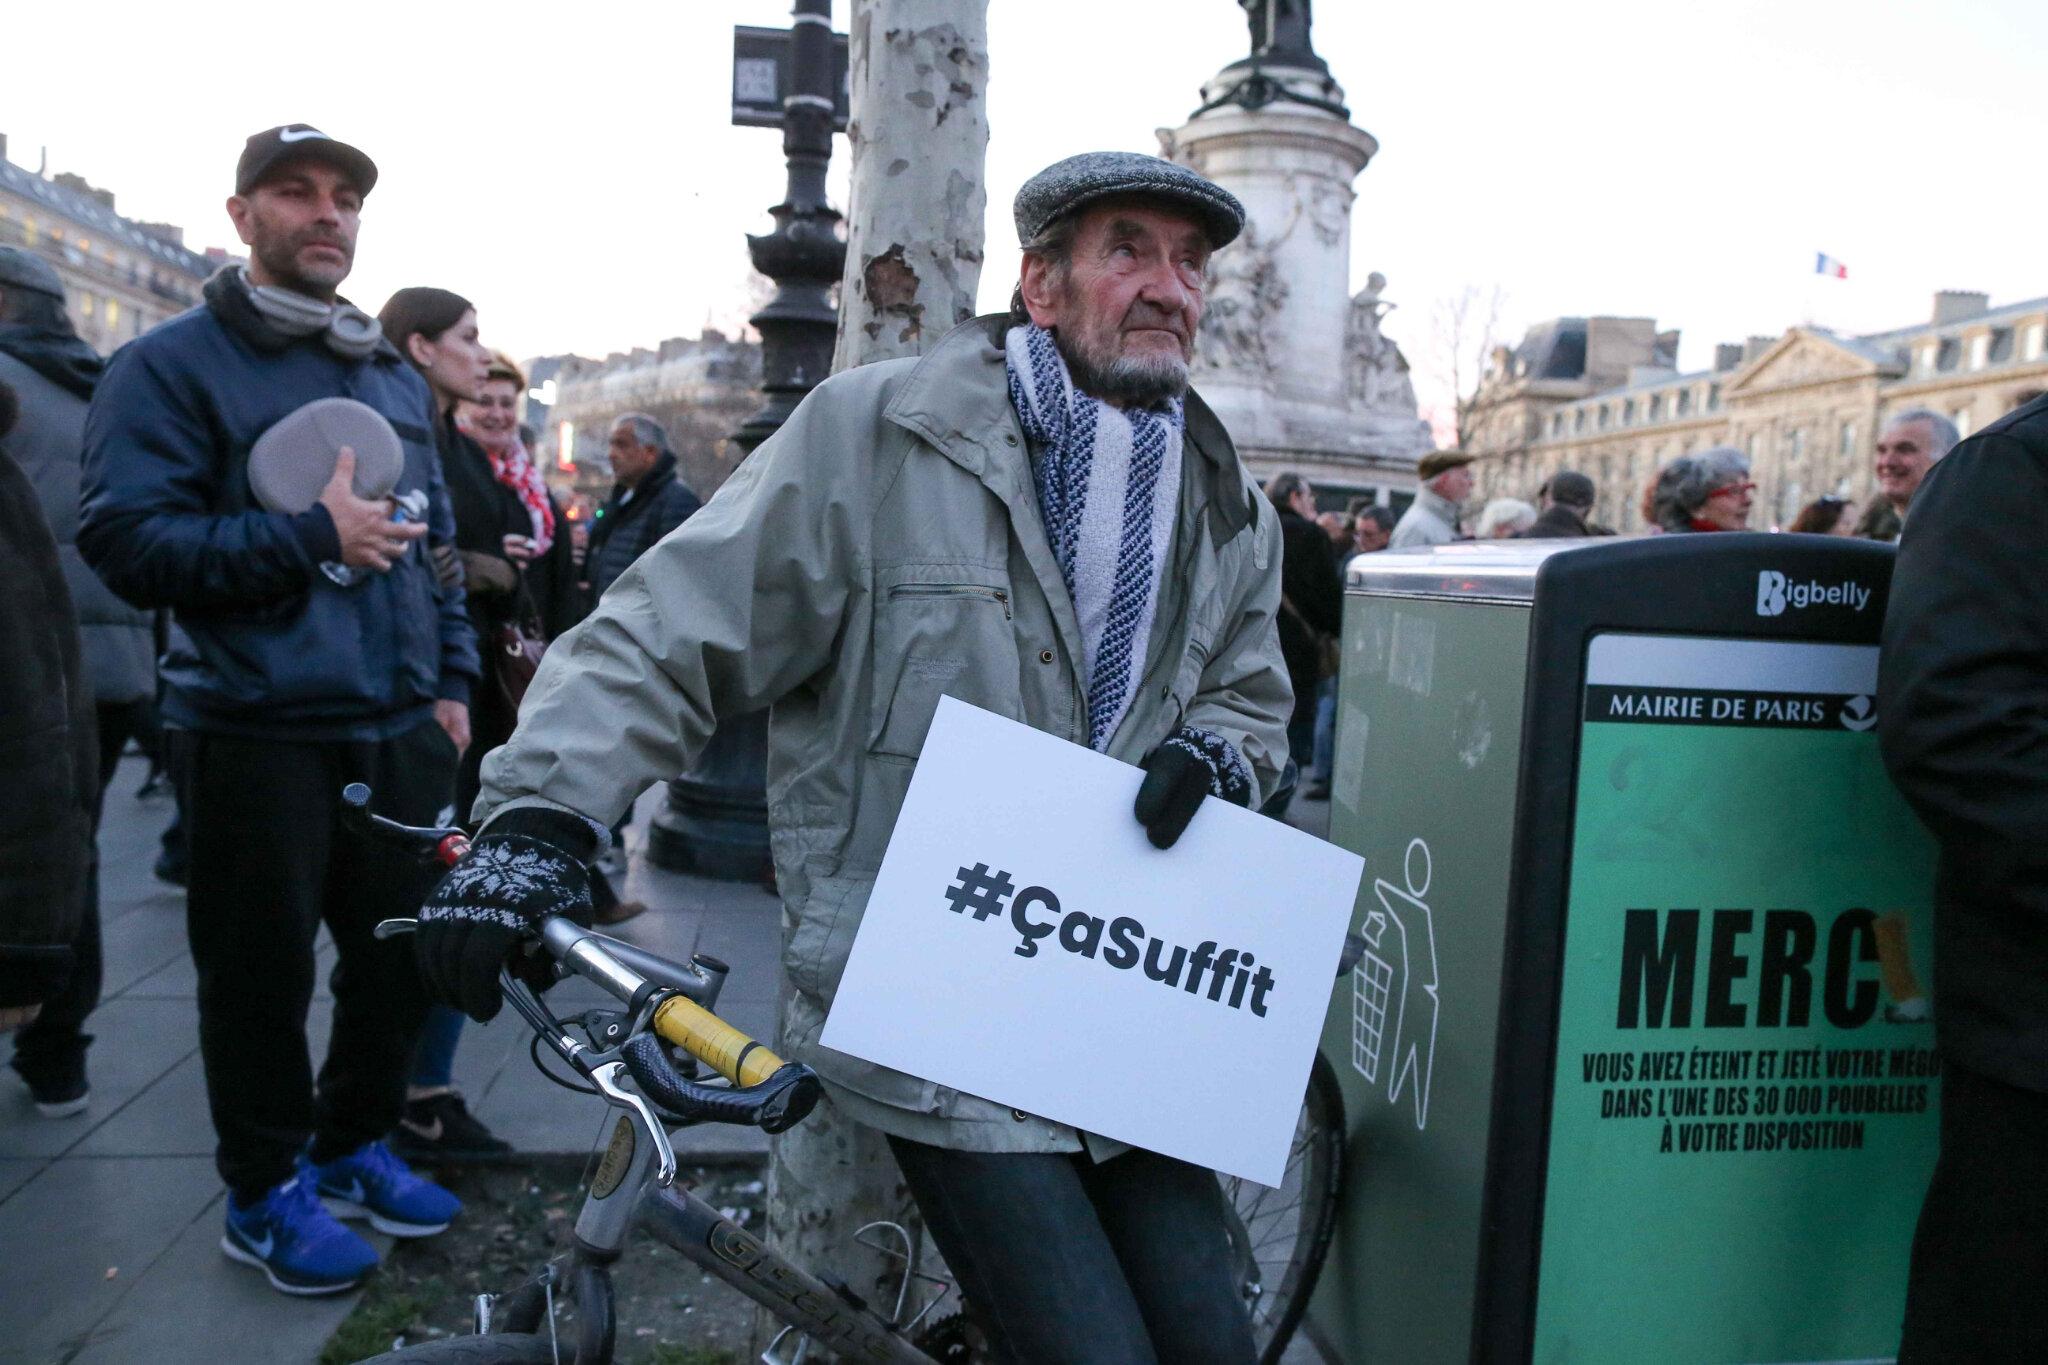 Non à l'antisémitisme : des milliers de personnes place de la République. © Michel Stoupak. Mar 19.02.2019, 18h28m07.